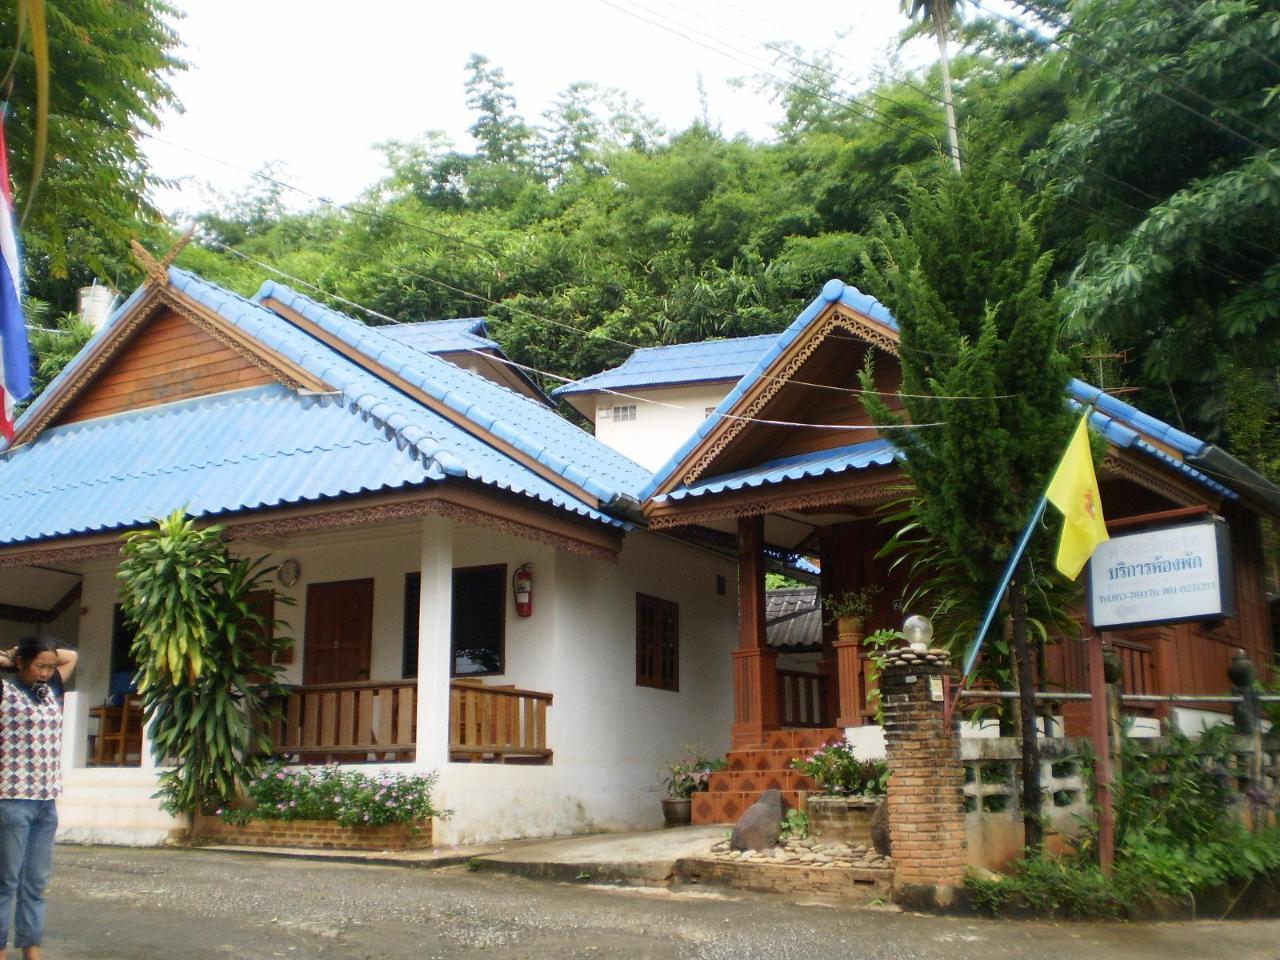 คุ้มสุข รีสอร์ท (Khumsuk Resort)